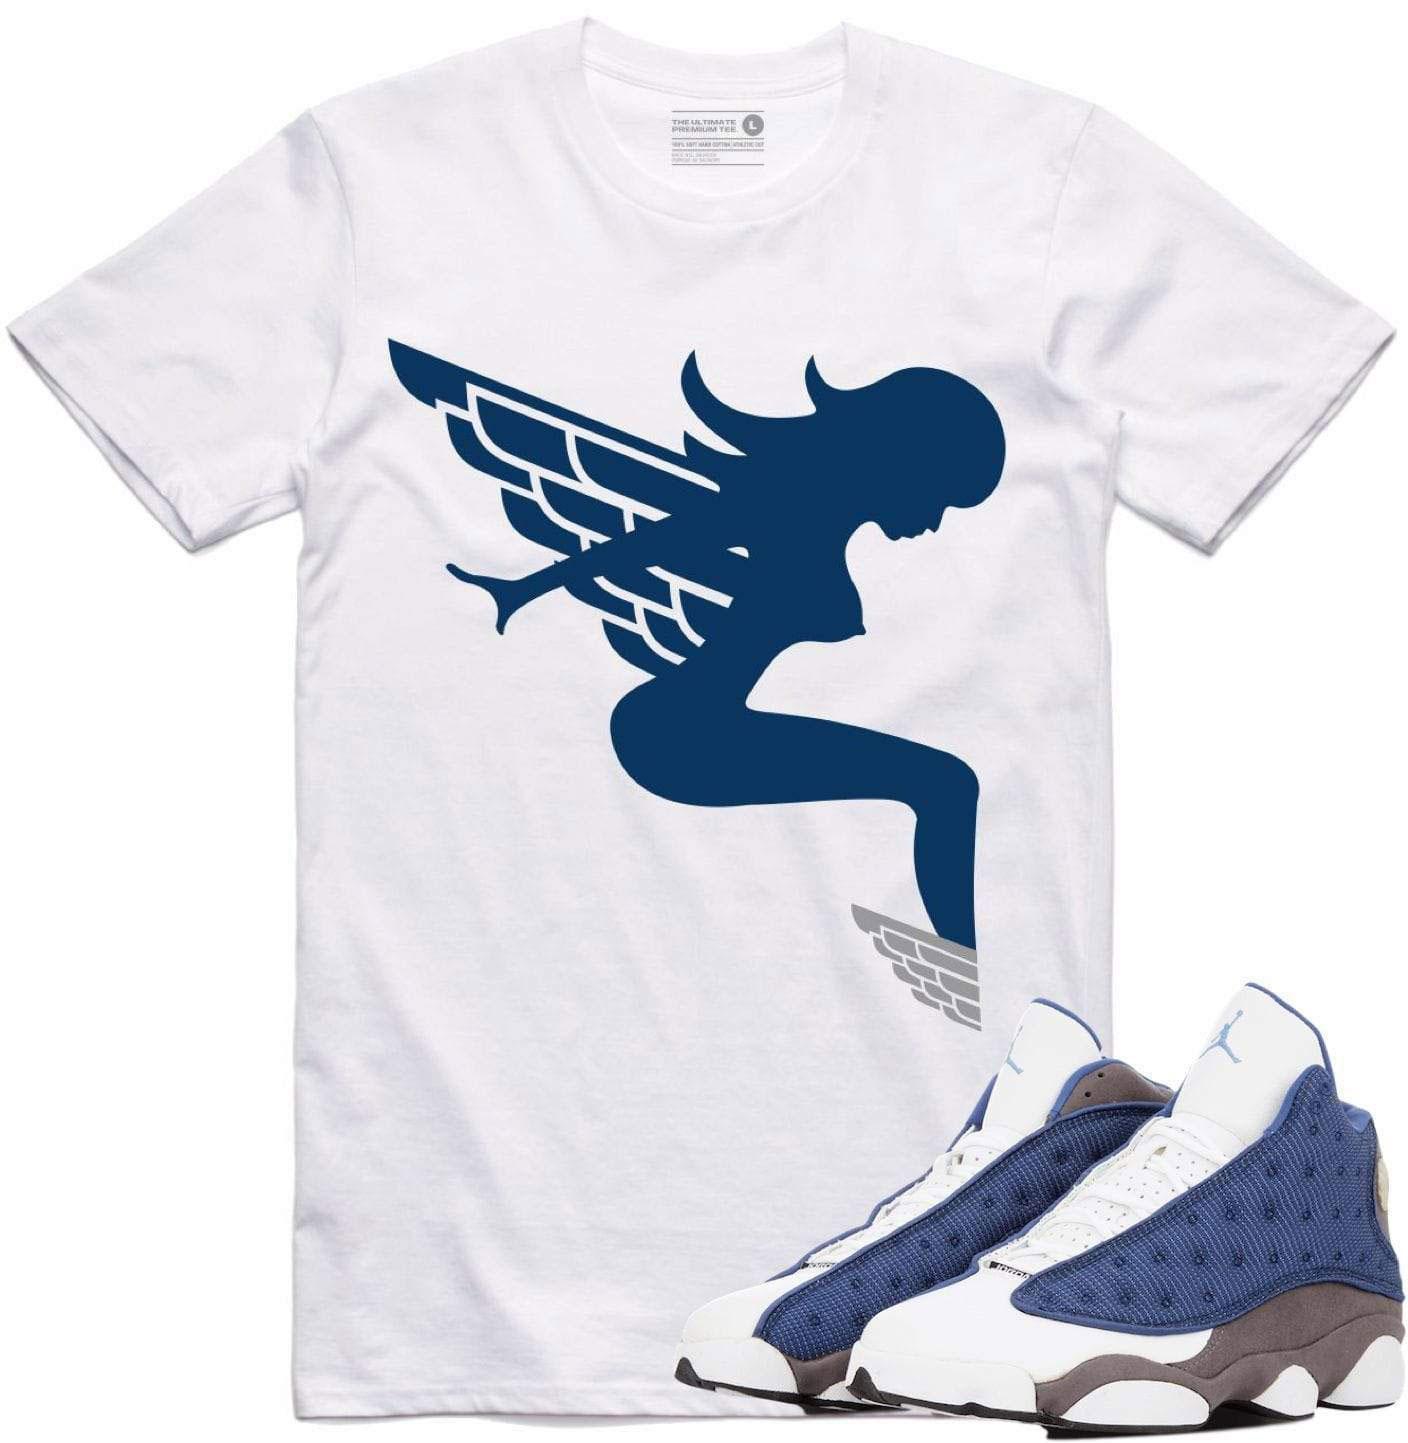 air-jordan-13-flint-sneaker-tee-shirt-4